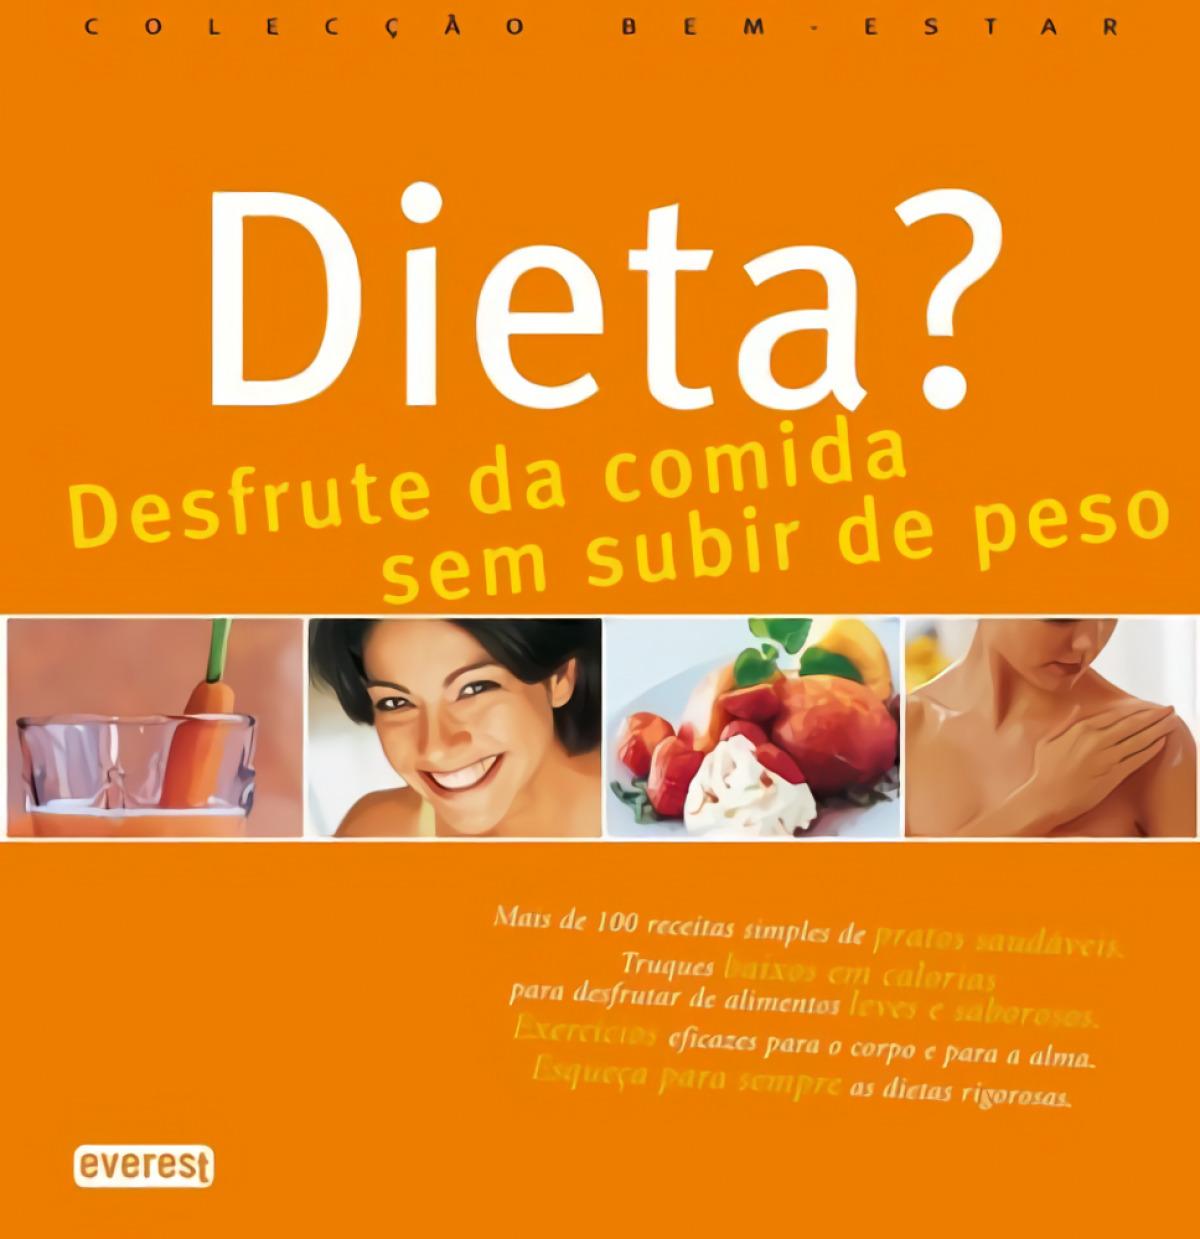 DIETA? DESFRUTE DA COMIDA SEM SUBIR DE PESO